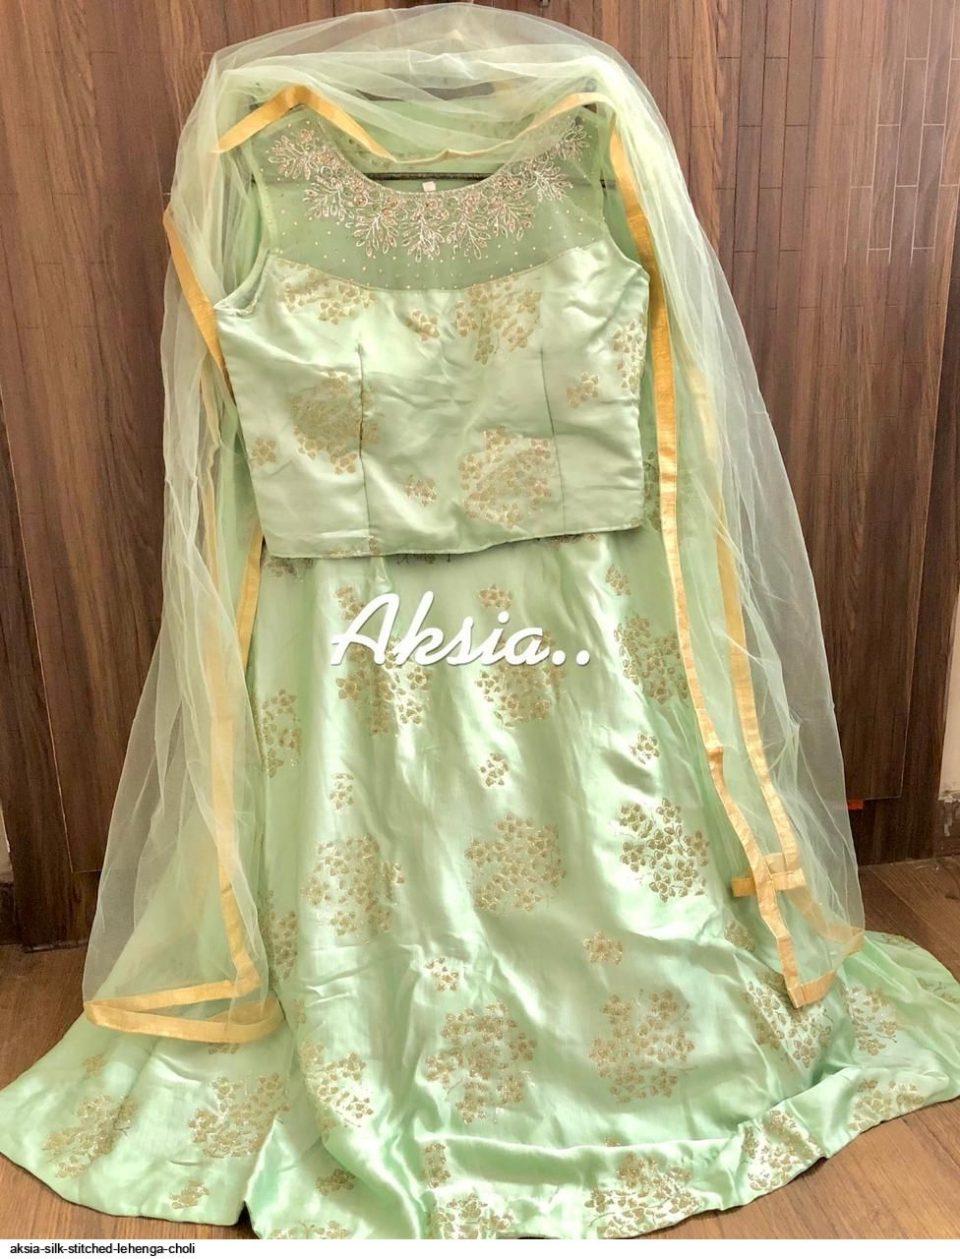 aksia-silk-stitched-lehenga-choli-888